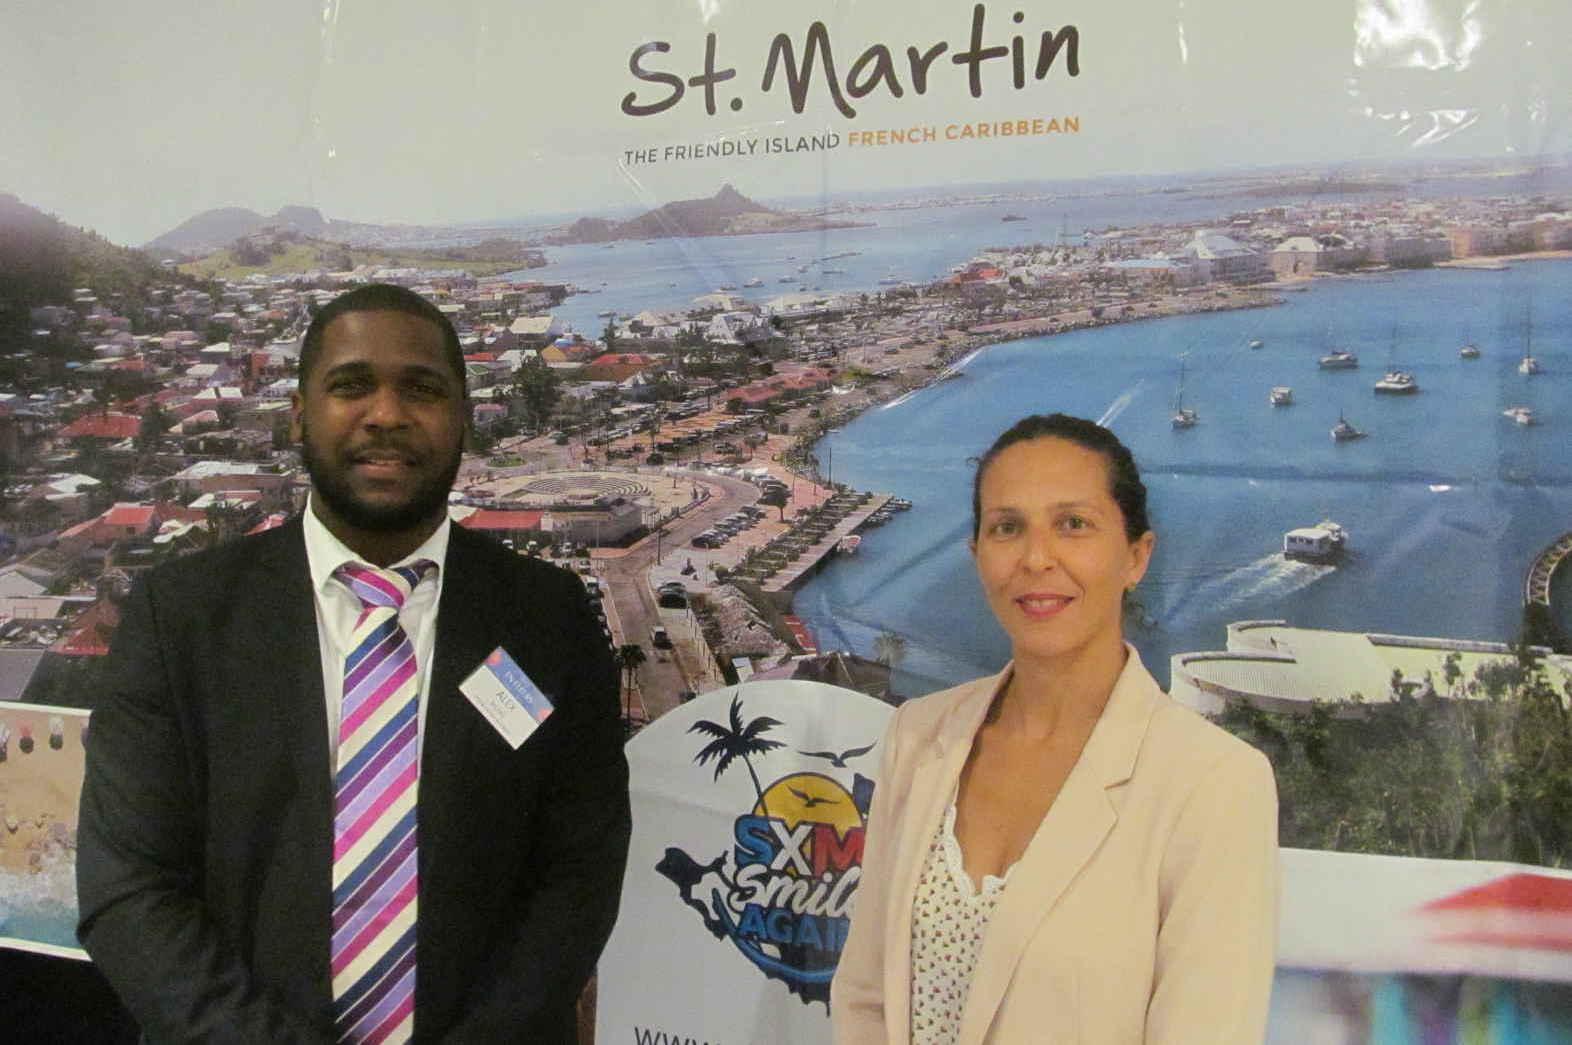 Atout france met l 39 avant saint martin l 39 express - Office du tourisme la pierre saint martin ...